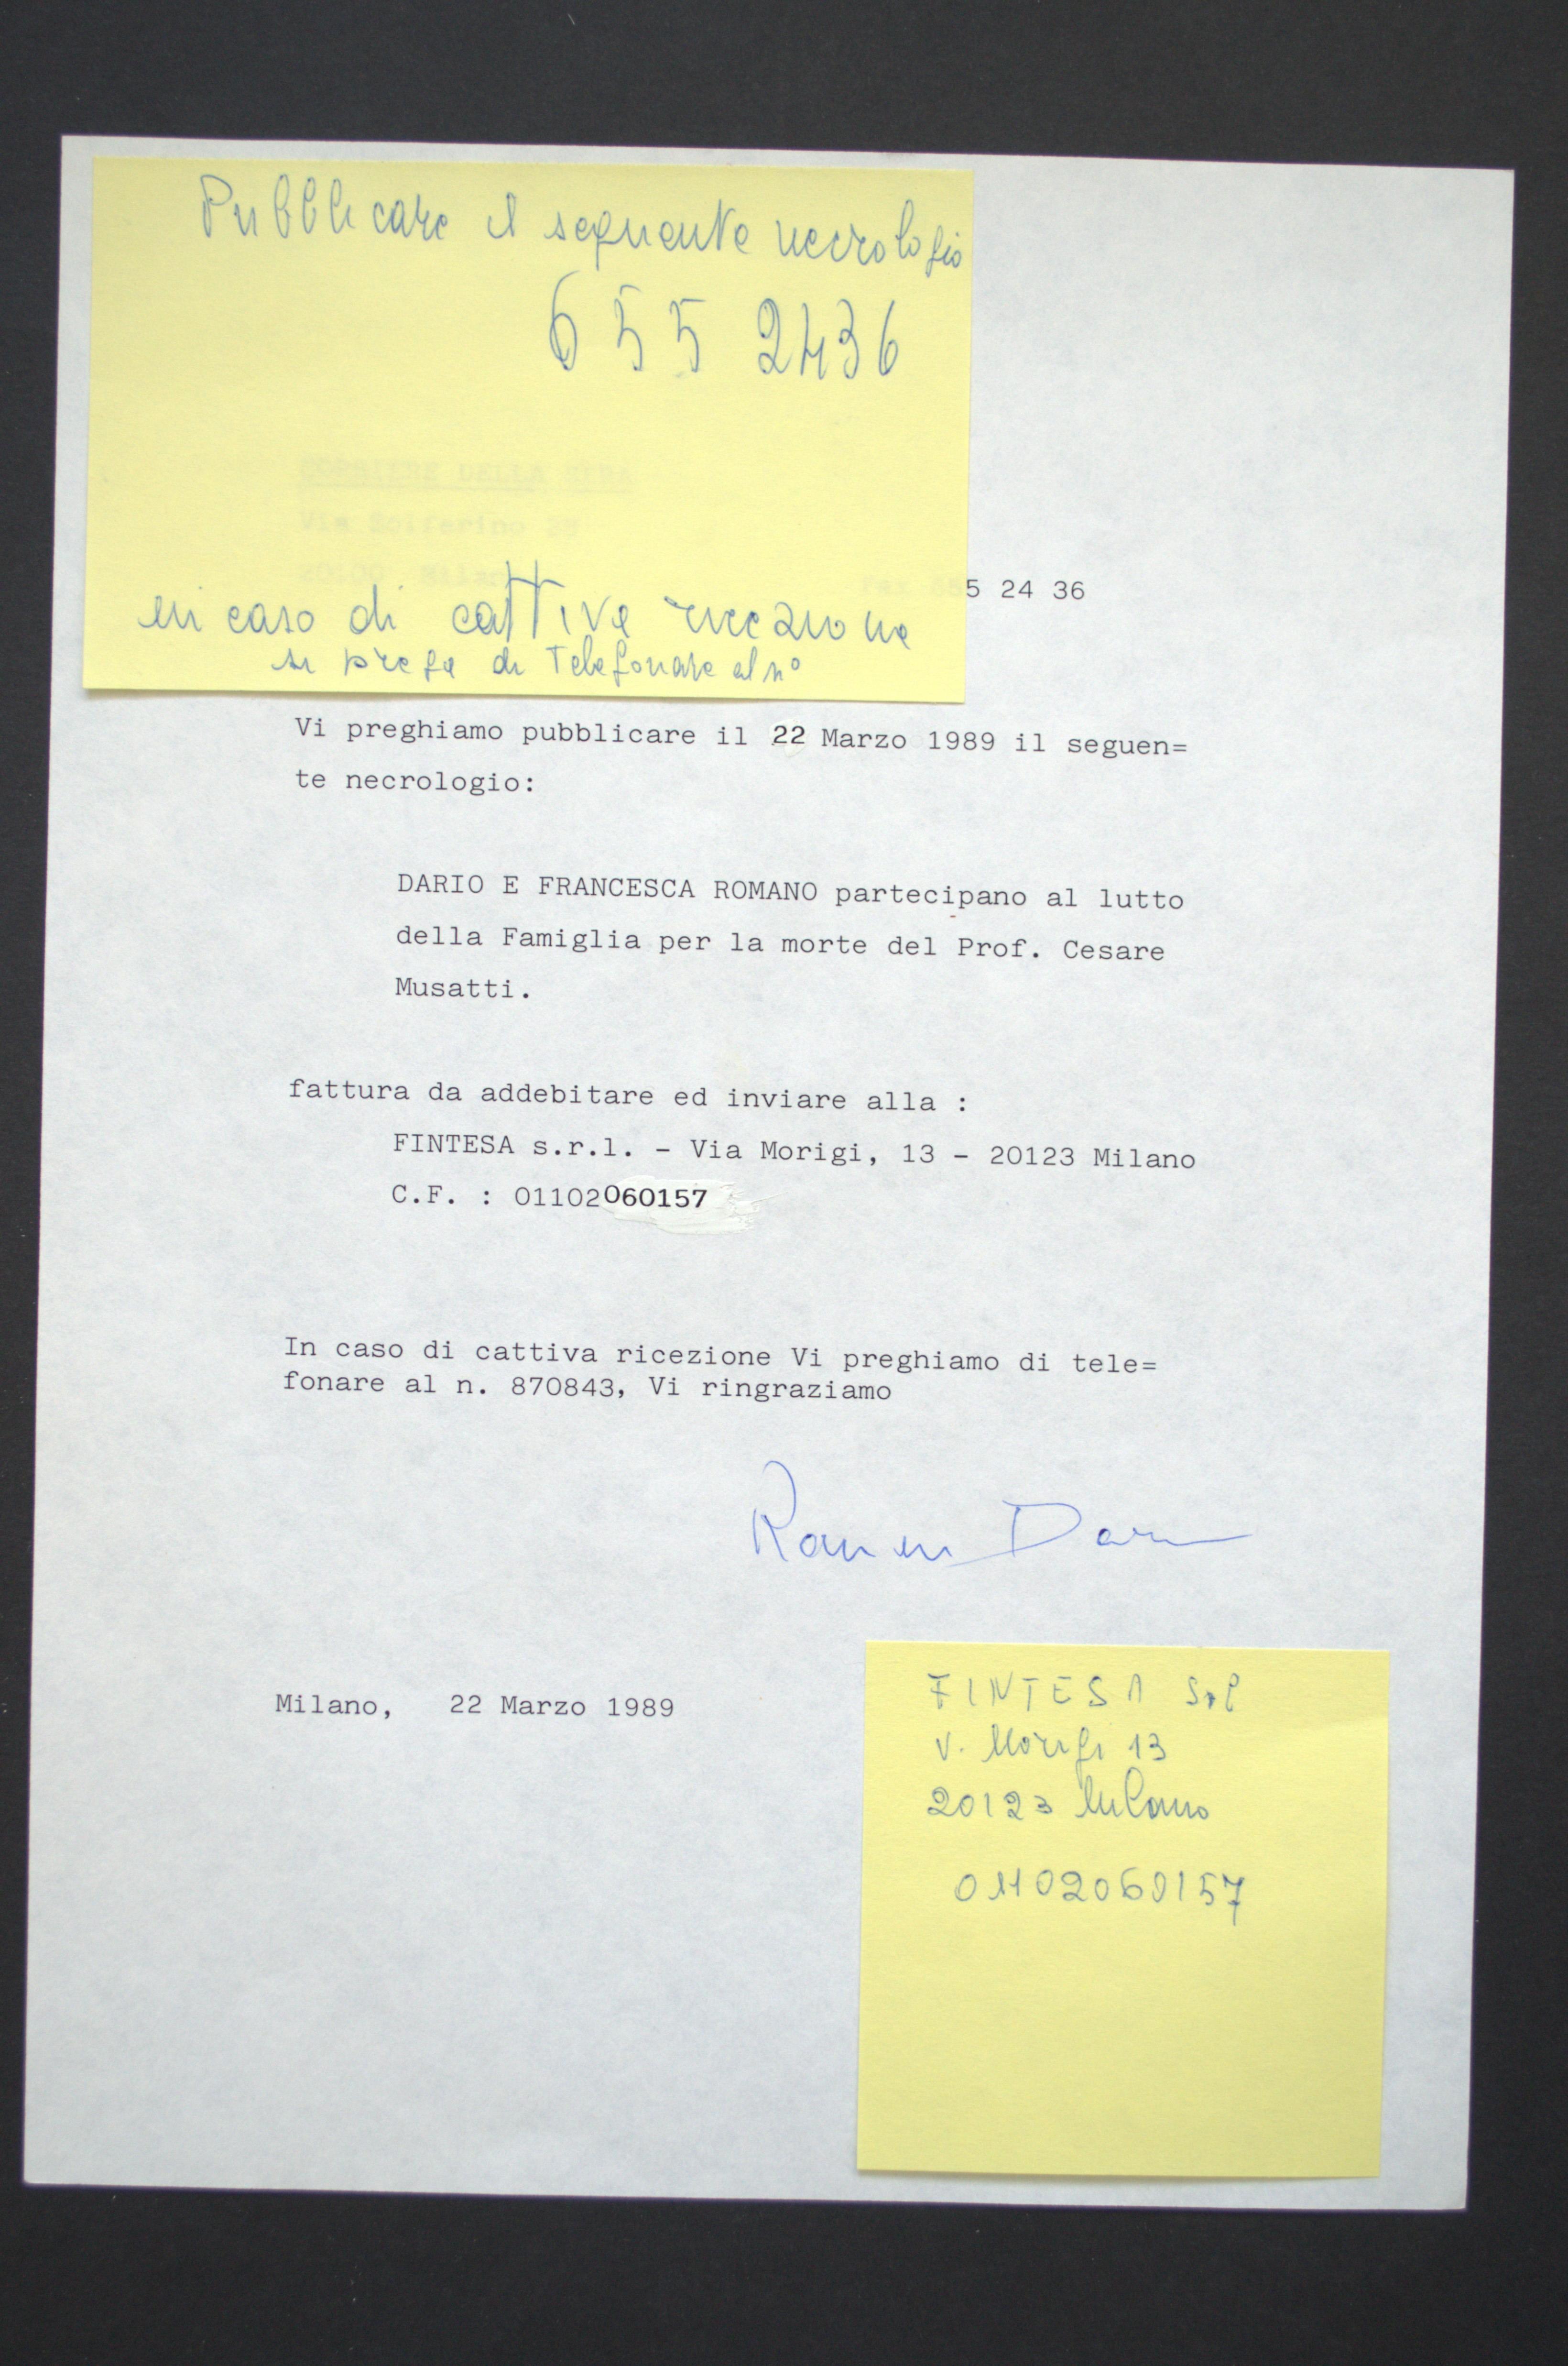 Necrologi per cesare musatti 1989 marzo 21 1989 marzo for Necrologio corriere della sera